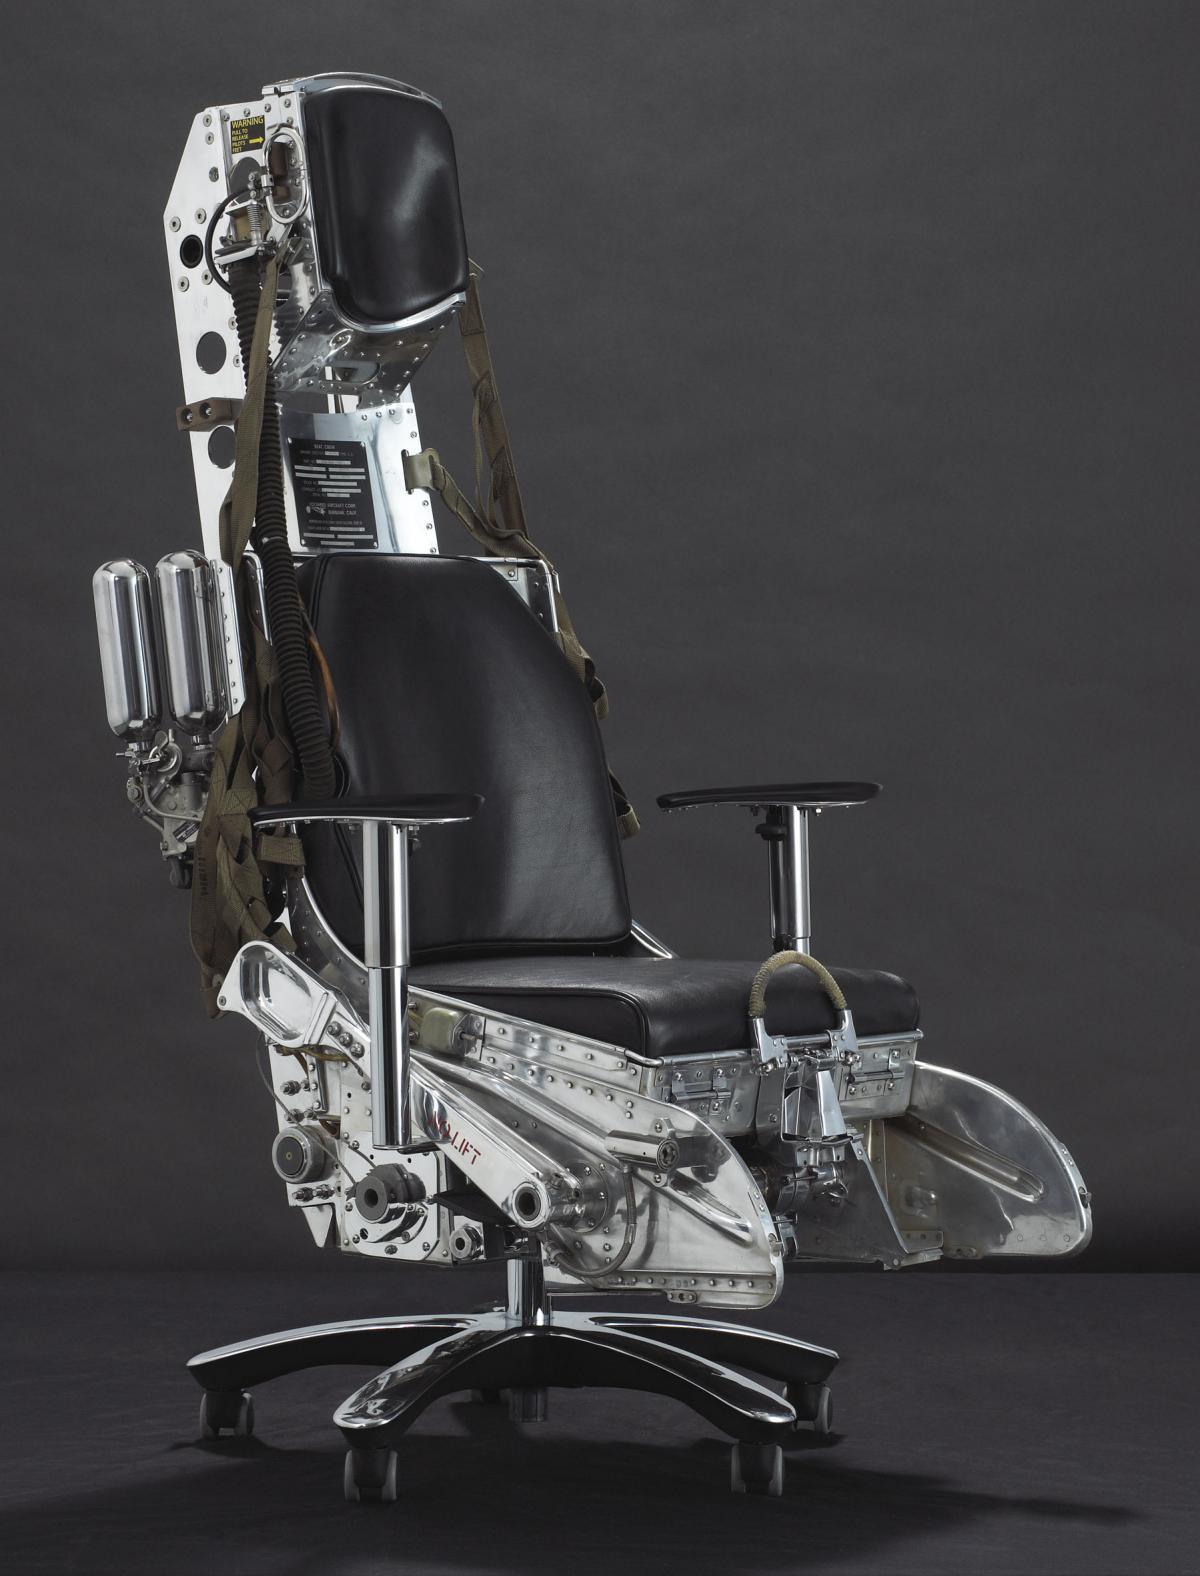 sparco office chair church industries chaise de bureau baquet